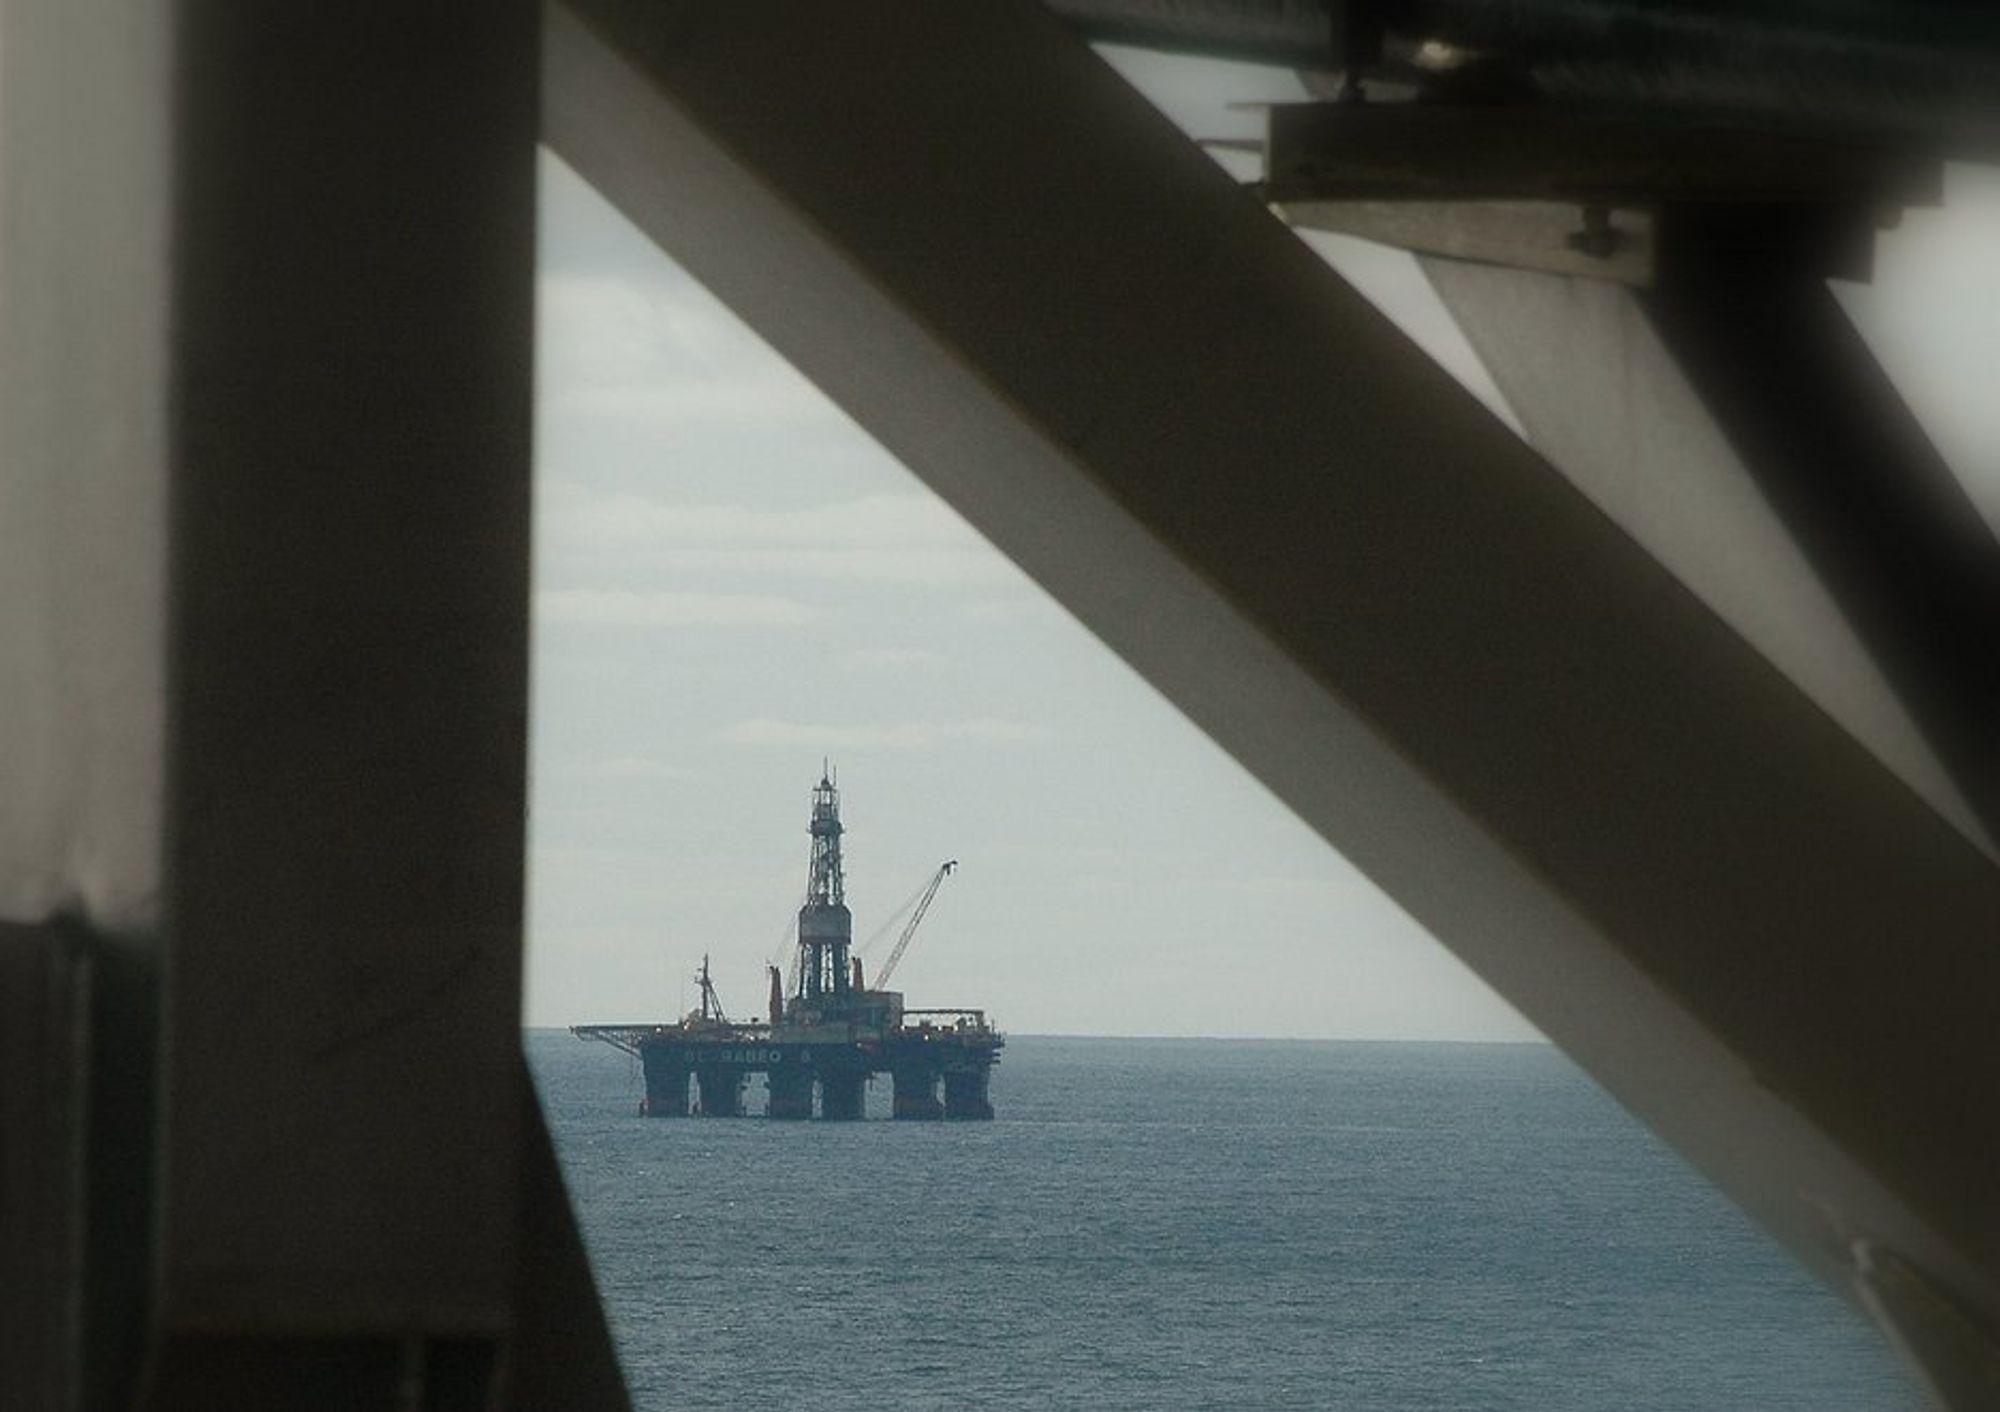 NY KONTRAKT: Scarabeo 5 går inn i en ny trårskontrakt med Statoil. Raten er på 400 000 dollar dagen.